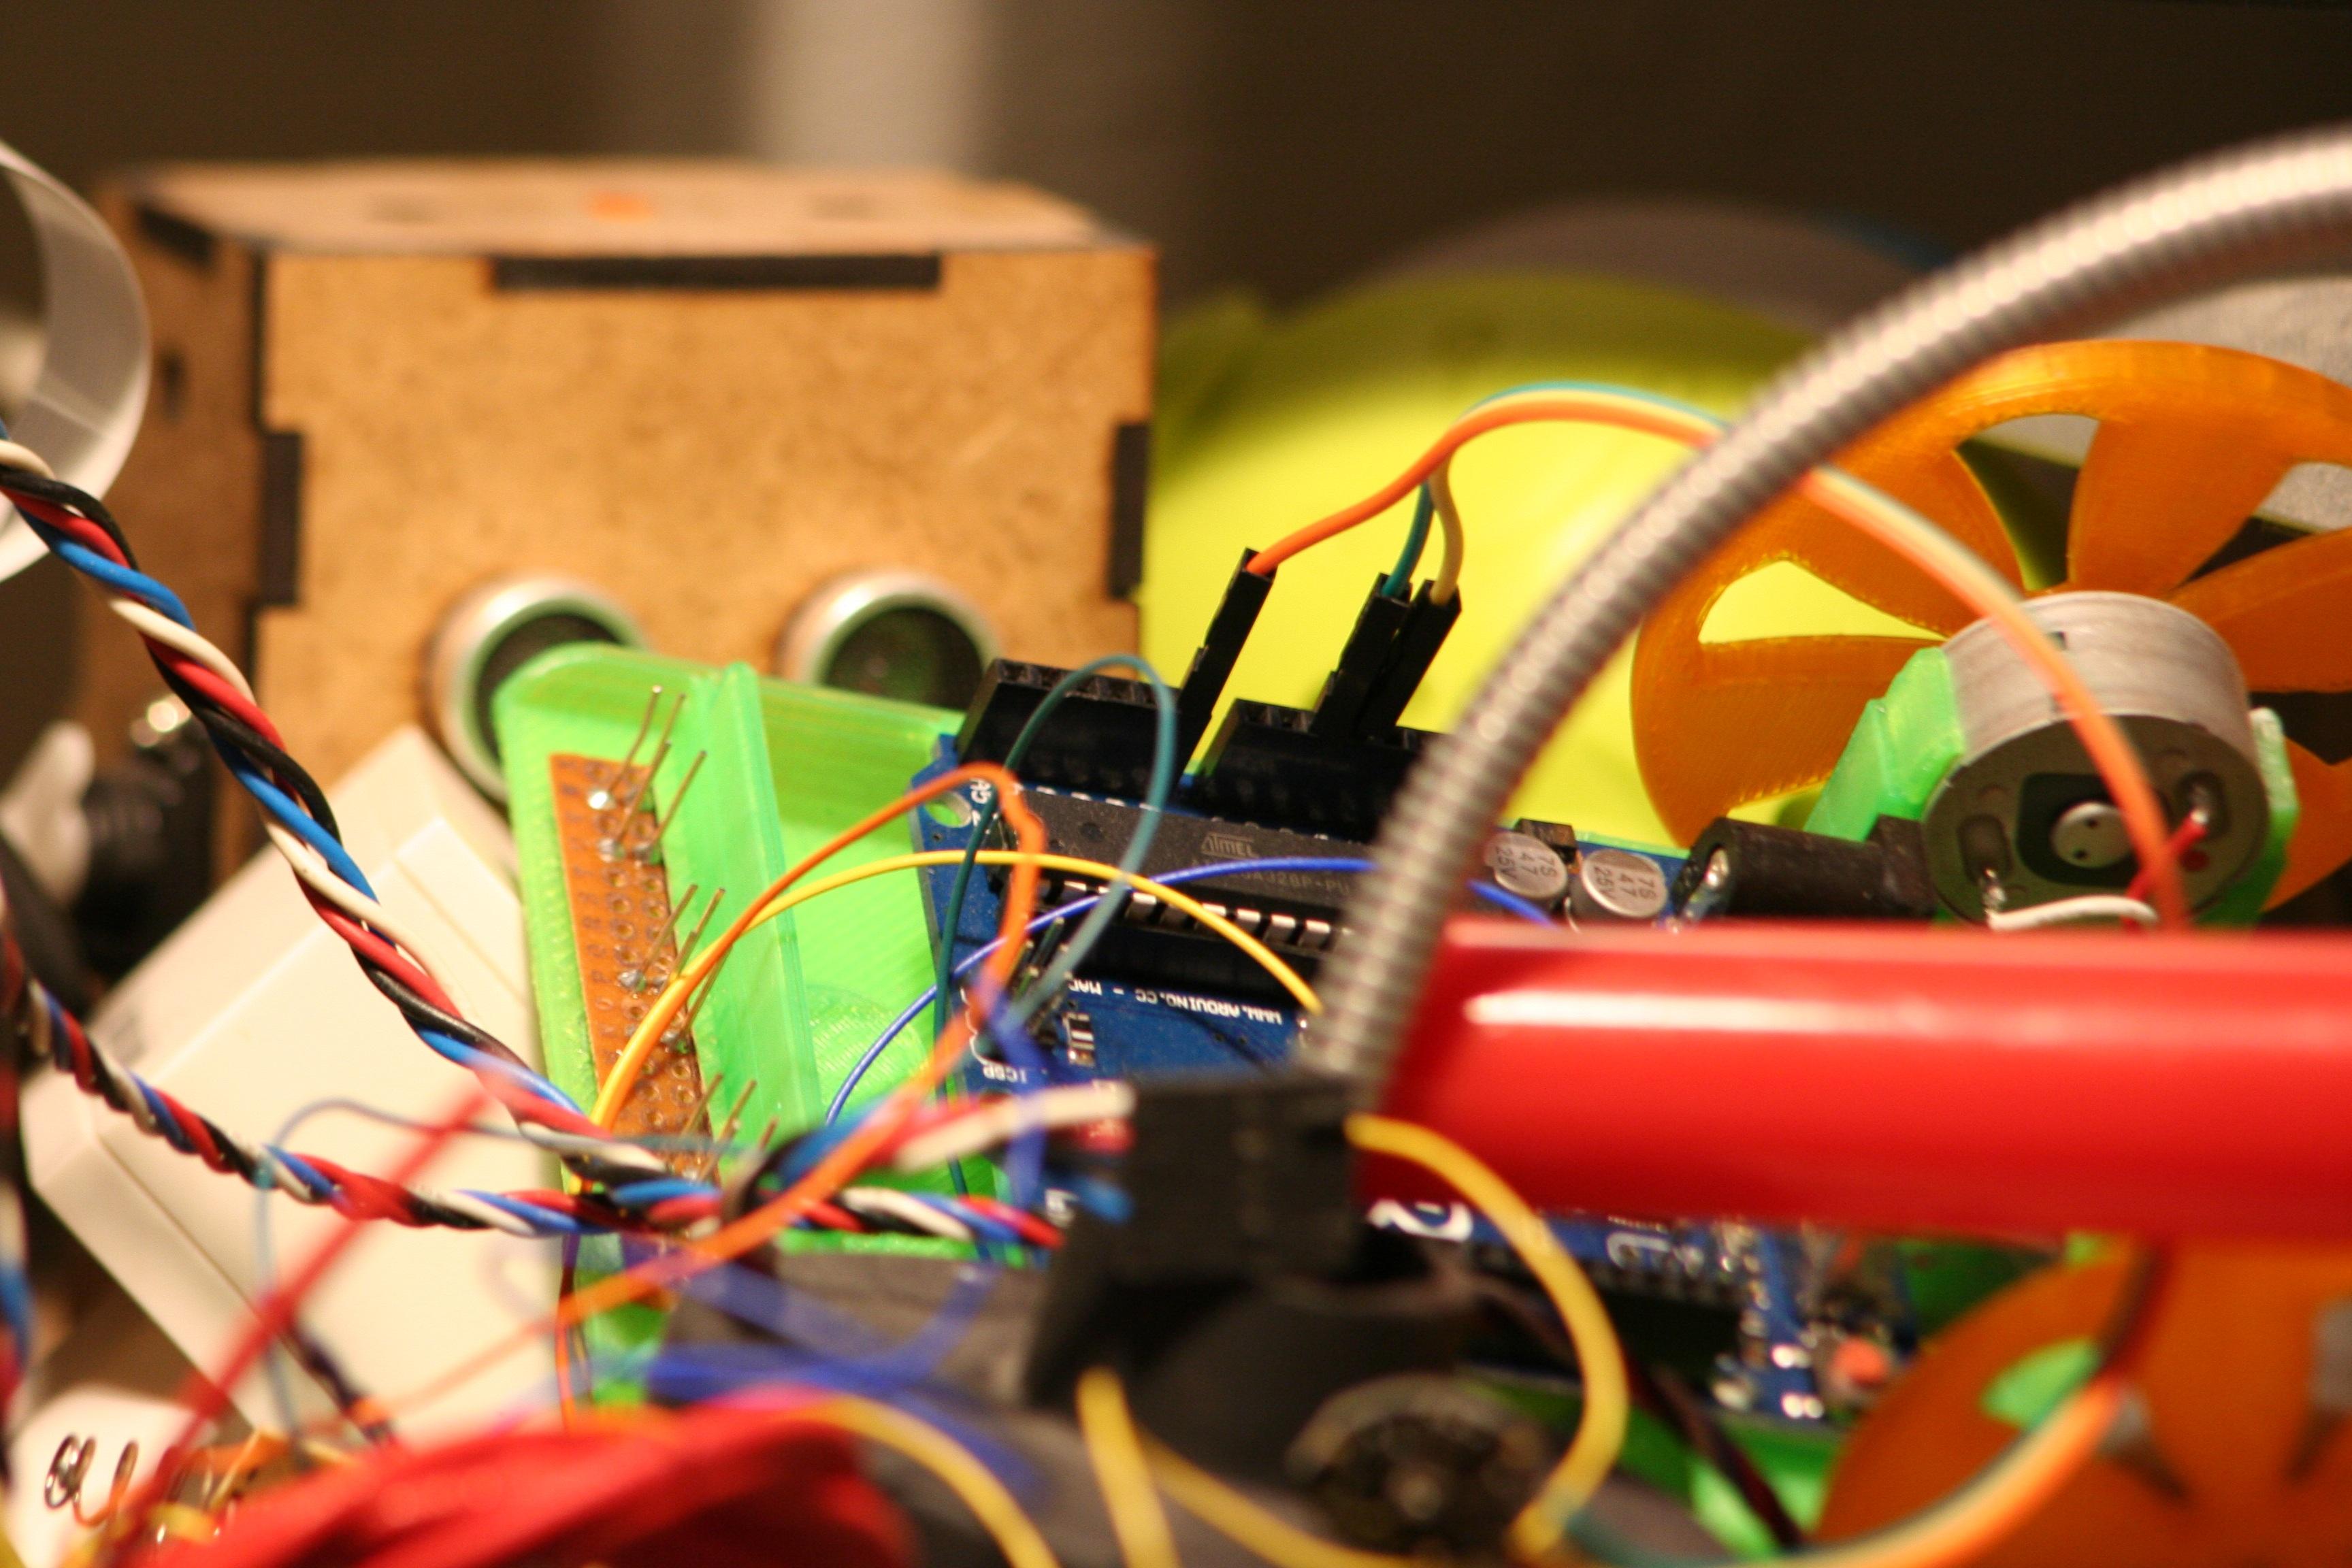 Workshop Internet Of Things Mit Der Sensebox Umweltdaten Sammeln Innovative Wiring Teilnahmegebhr 25